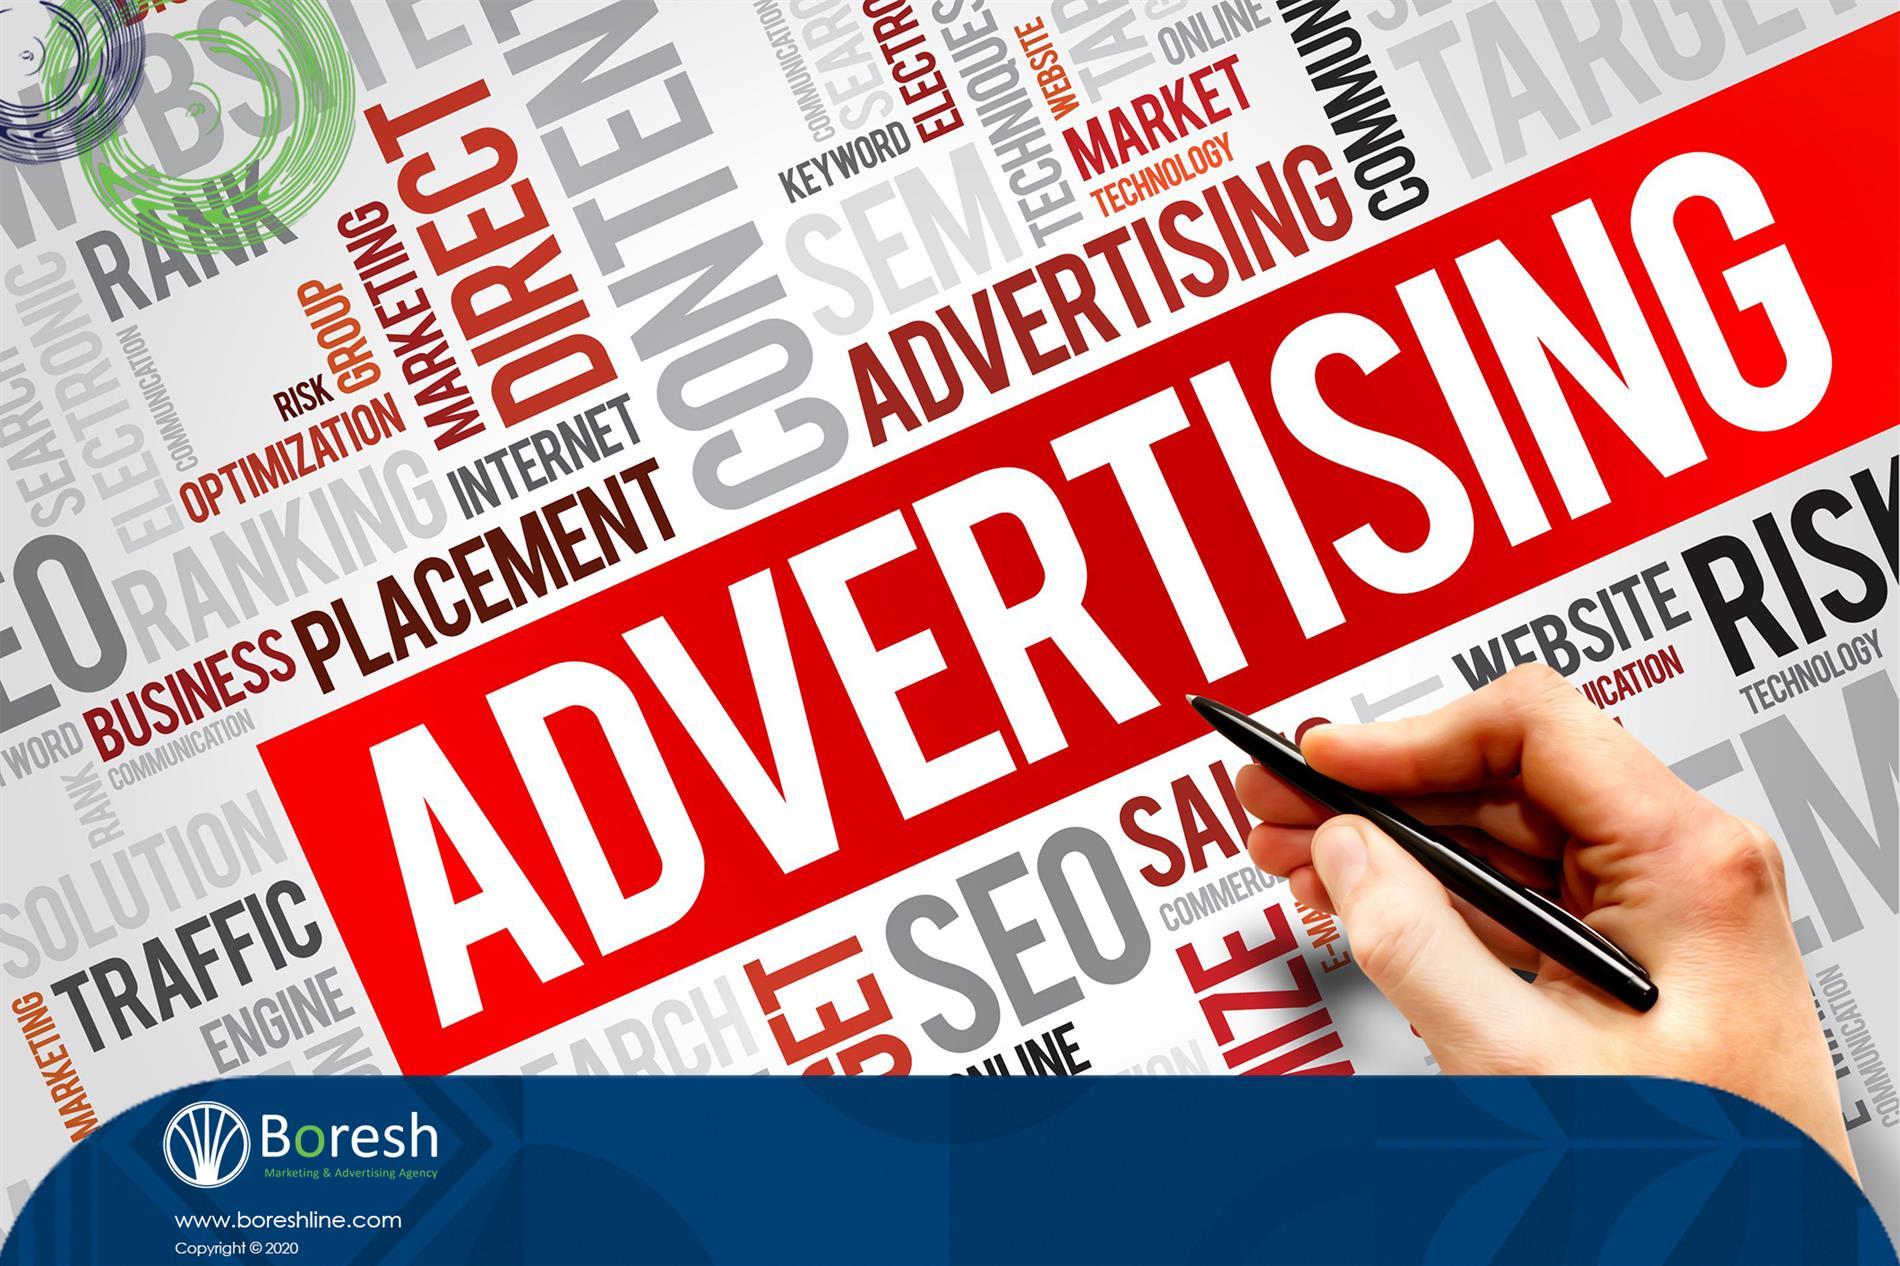 تعریف تبلیغات - گروه برندسازی، تبلیغات،بازاریابی و توسعه کسب و کار برش